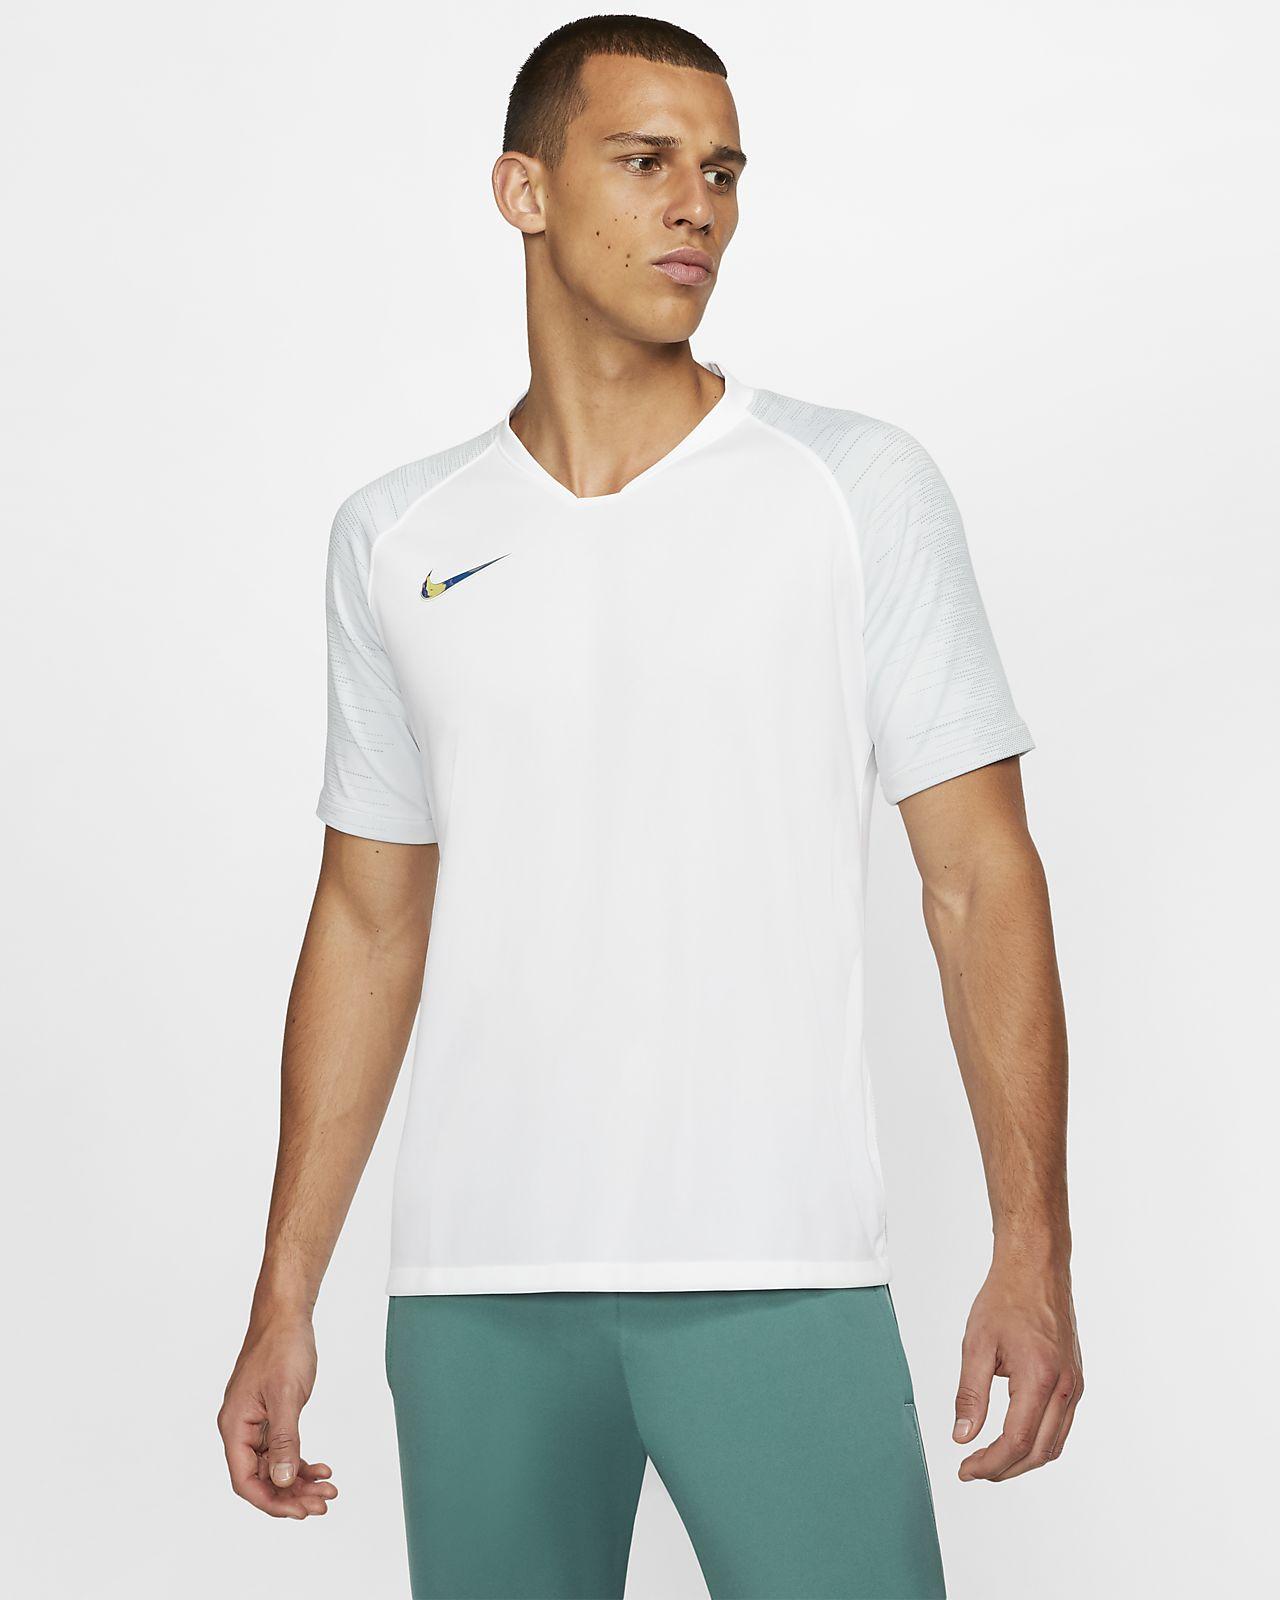 Camisola de futebol de manga curta Nike Breathe Strike para homem